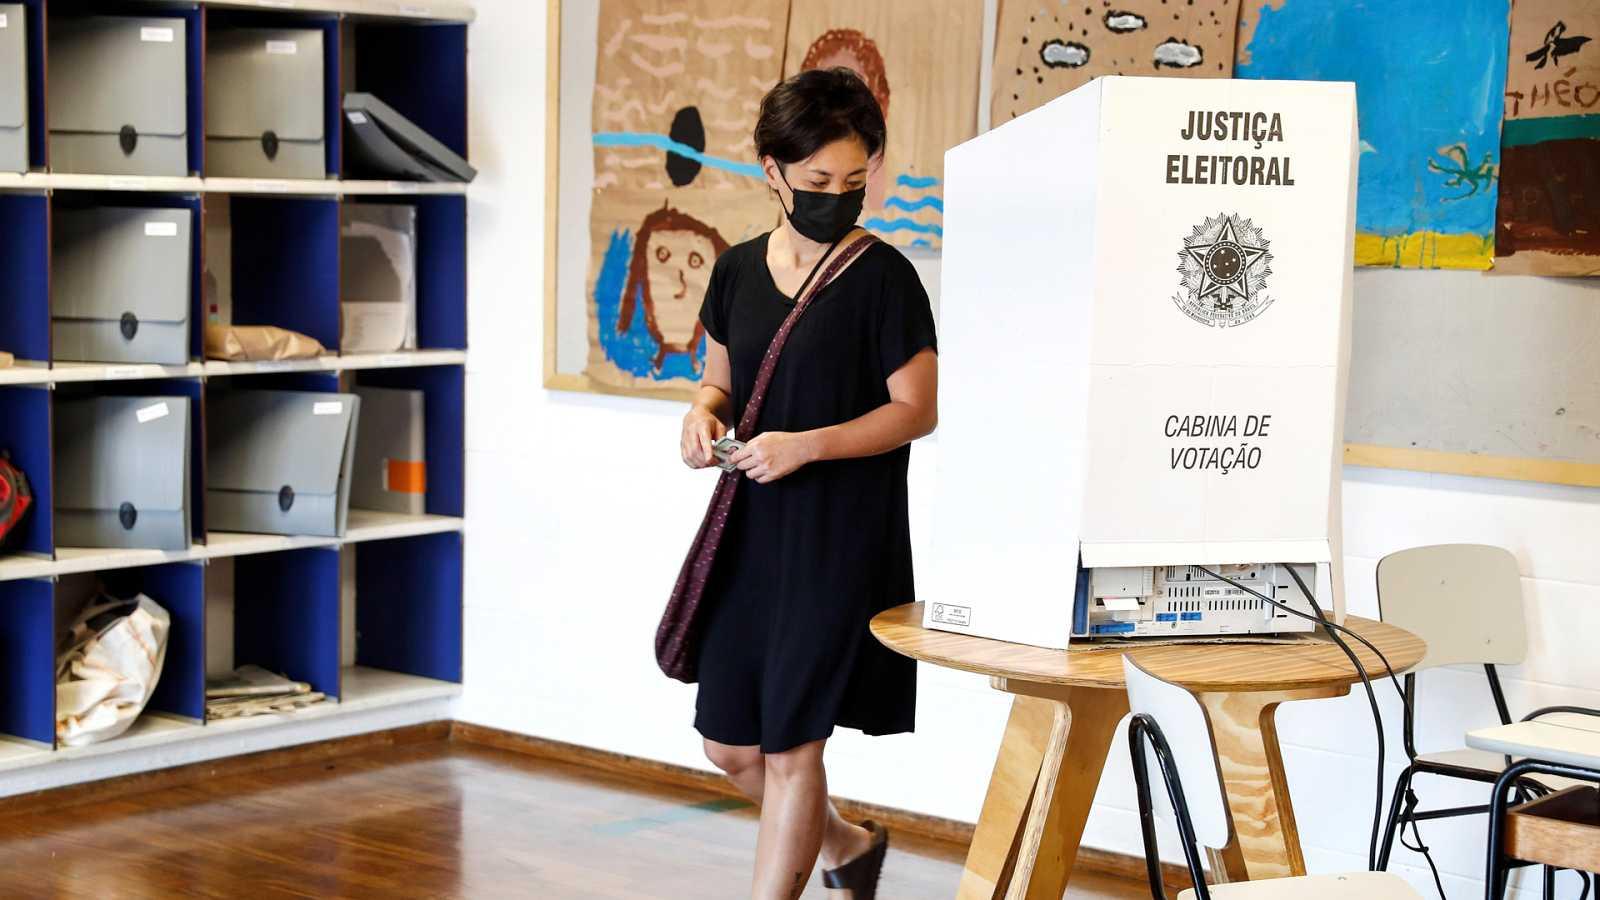 Hora América - Revés para Bolsonaro y caída del PT en la segunda vuelta de elecciones municipales en Brasil - 30/11/20 - Escuchar ahora